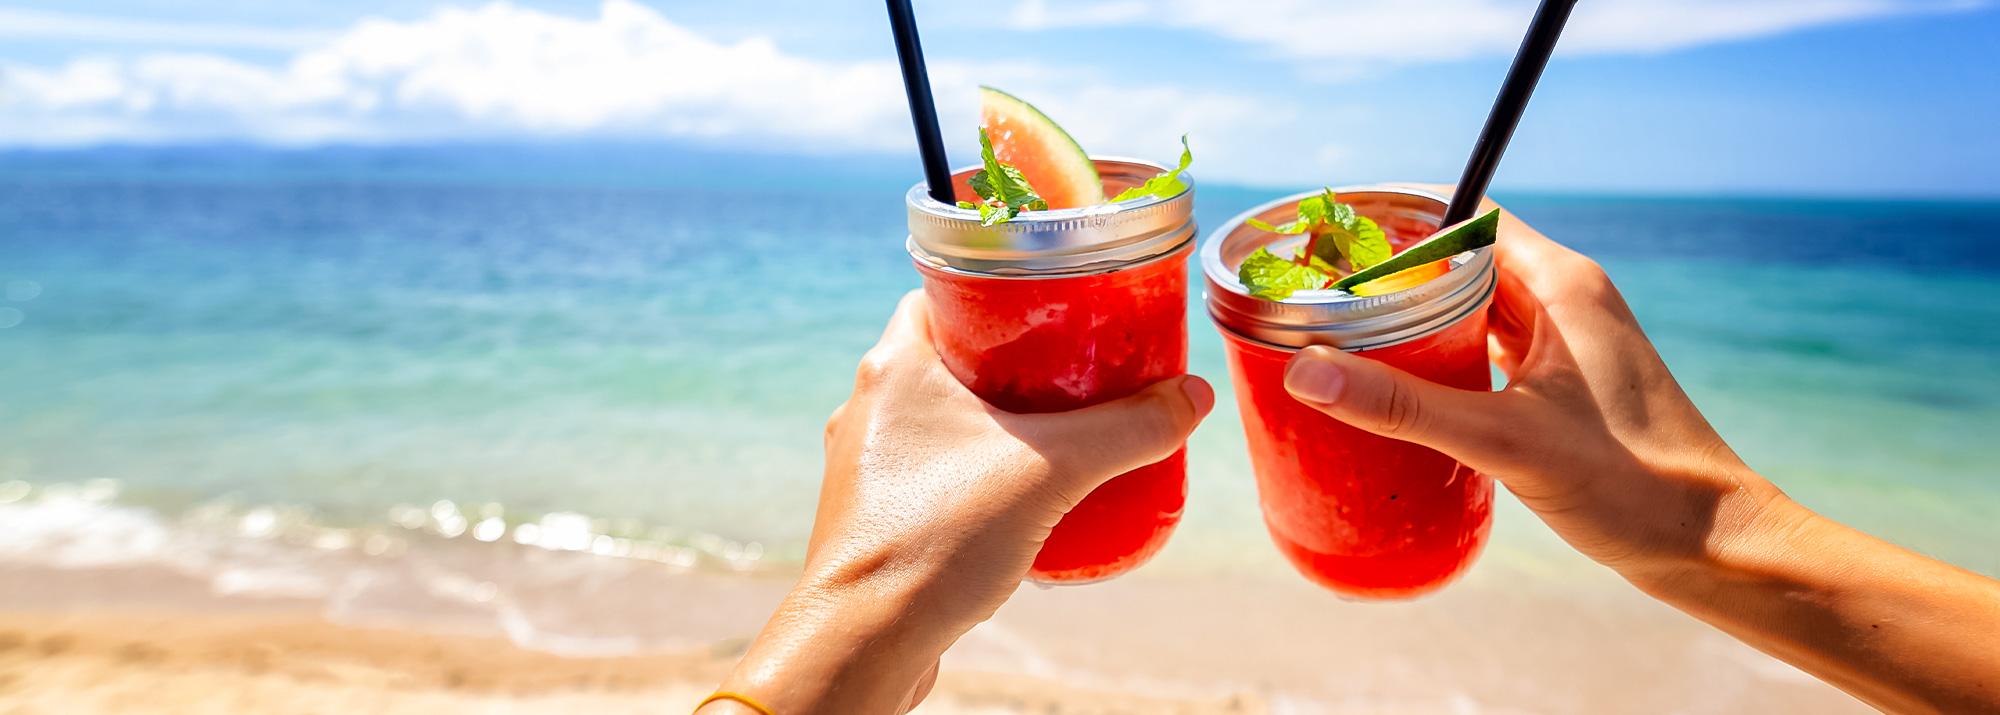 5 sucos naturais refrescantes para este verão